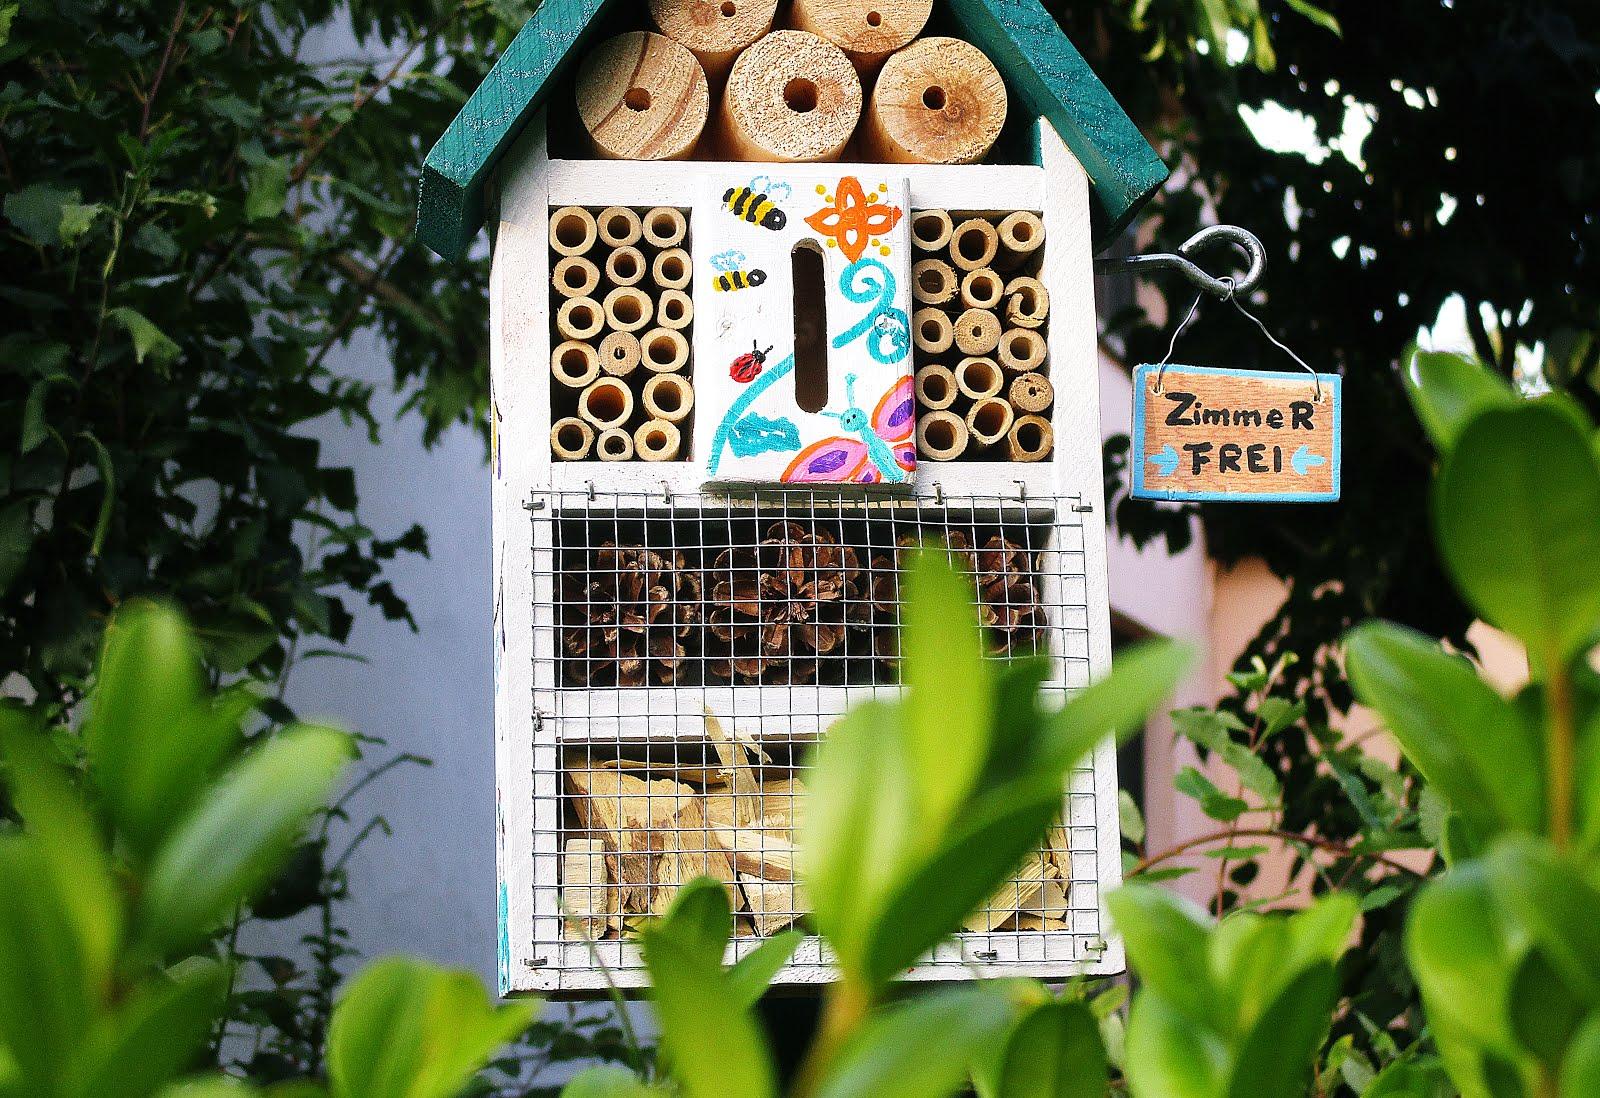 jaimees welt zimmer zu vermieten f r krabbelk ferfamilien wir bauen ein insektenhotel. Black Bedroom Furniture Sets. Home Design Ideas